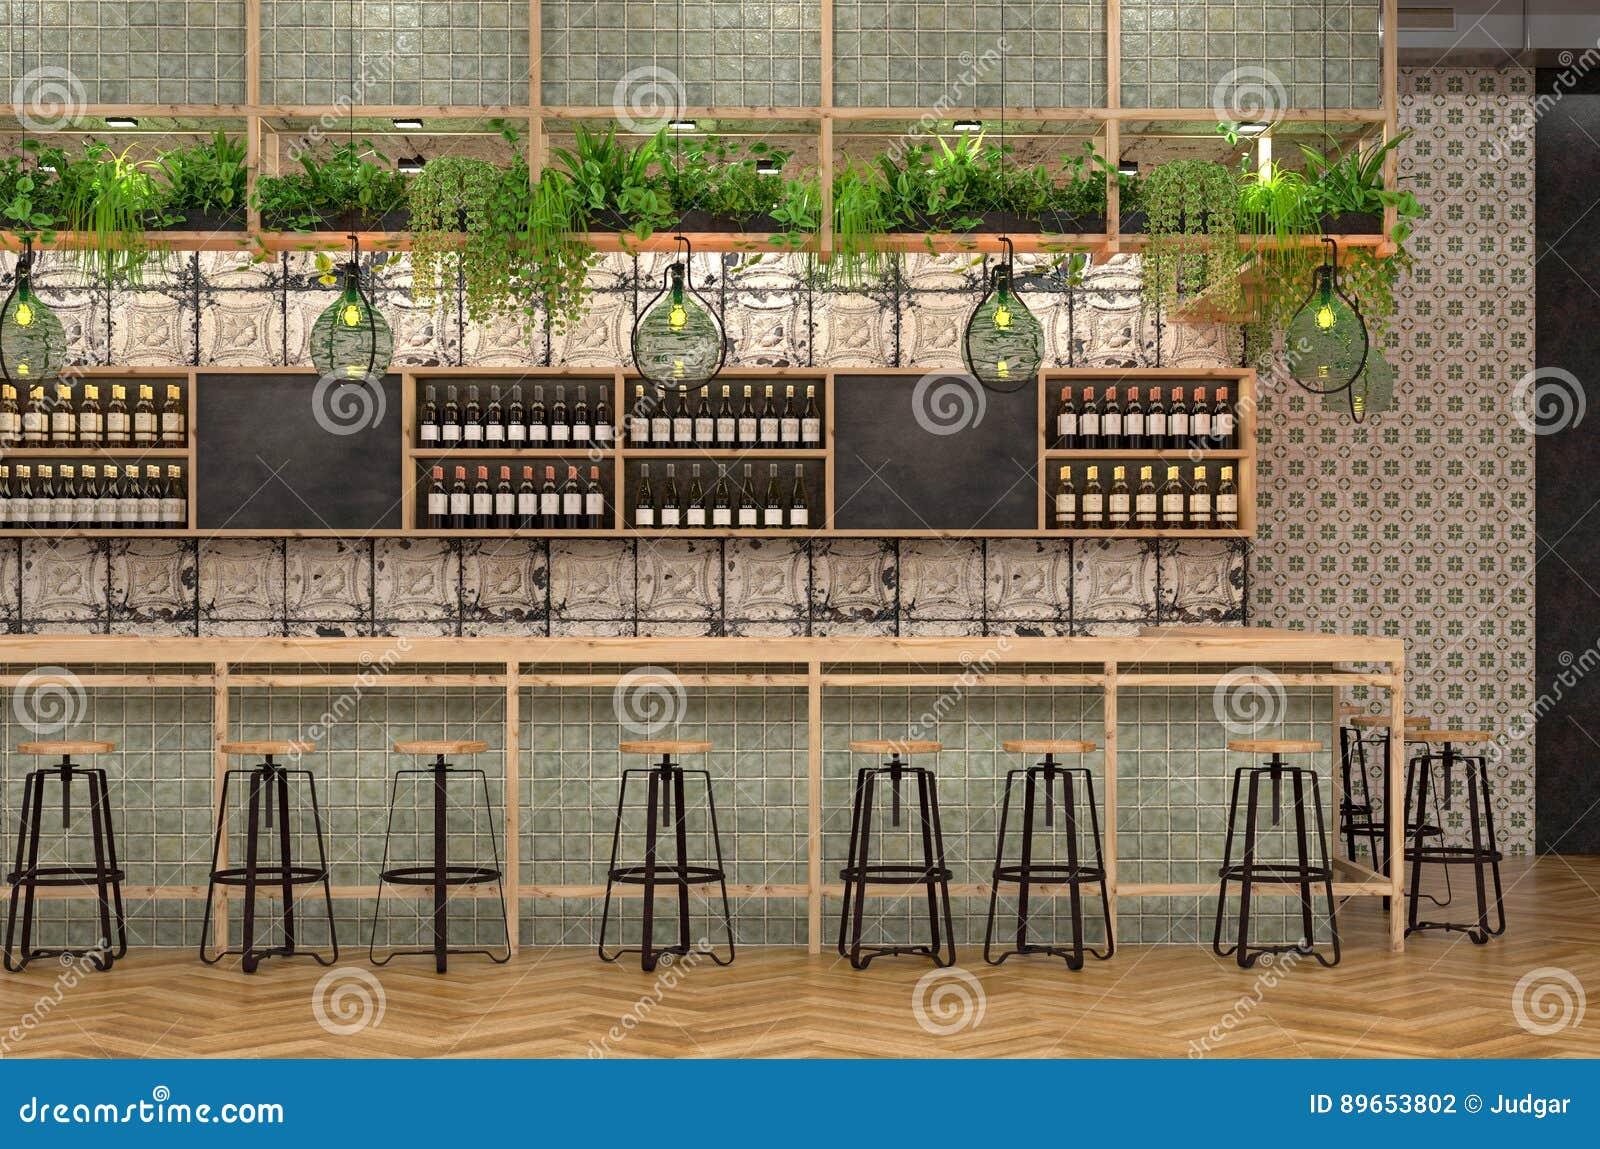 Modern ontwerp van de bar in zolderstijl 3D visualisatie van het binnenland van een koffie met een barteller met wijnoogst en de